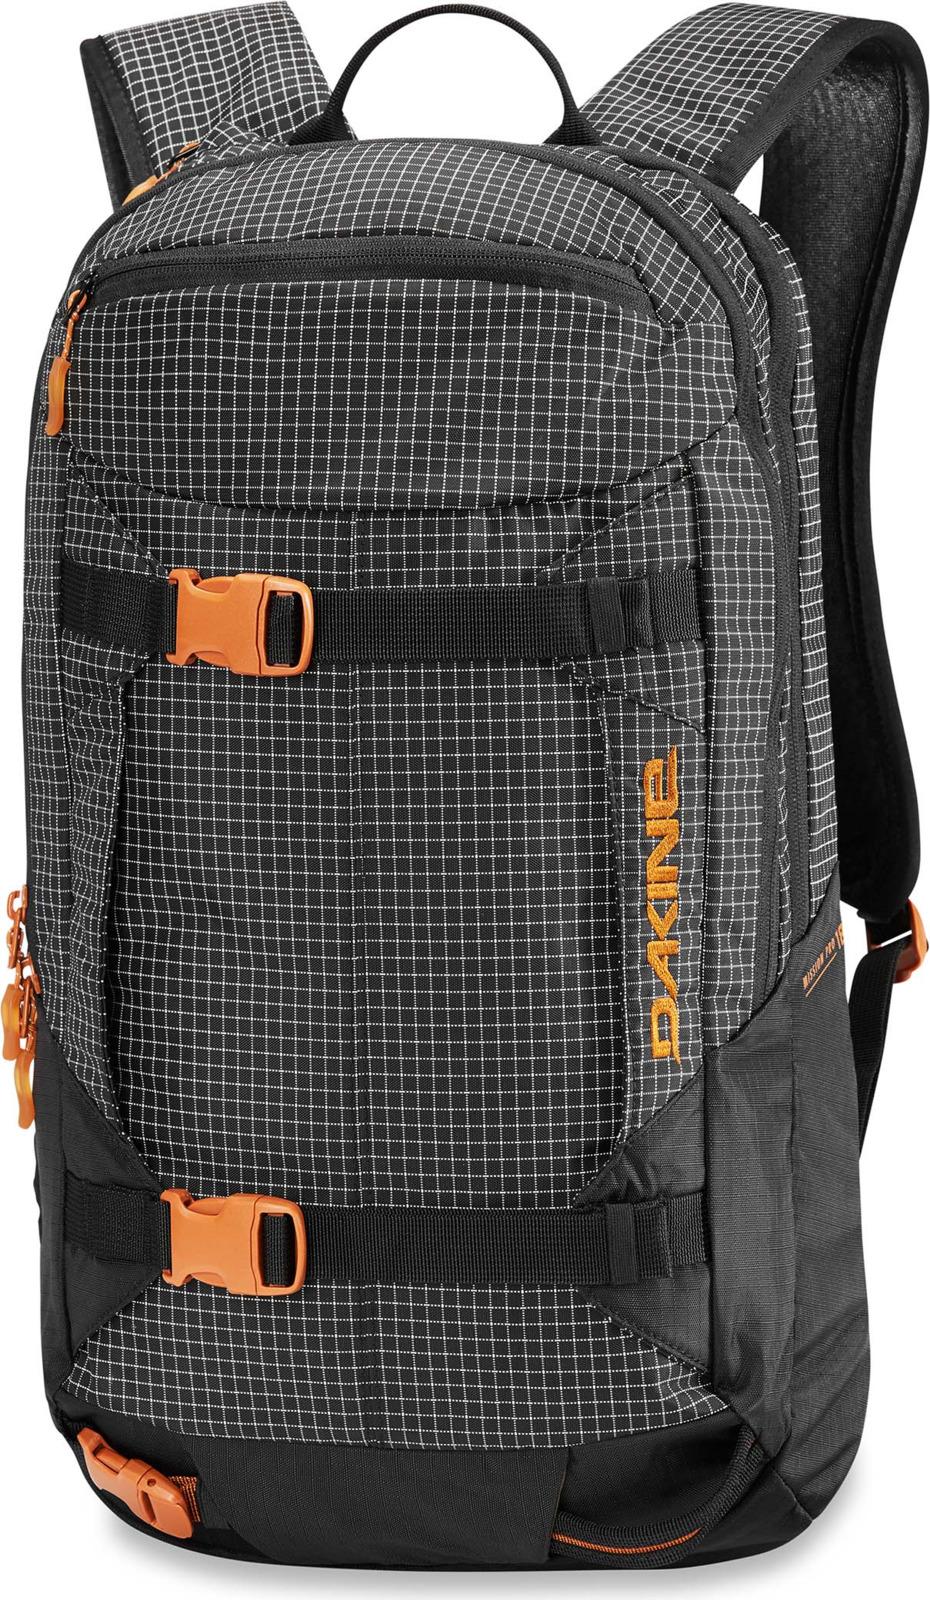 Рюкзак Dakine Mission Pro, цвет: черный в клетку, 18 л